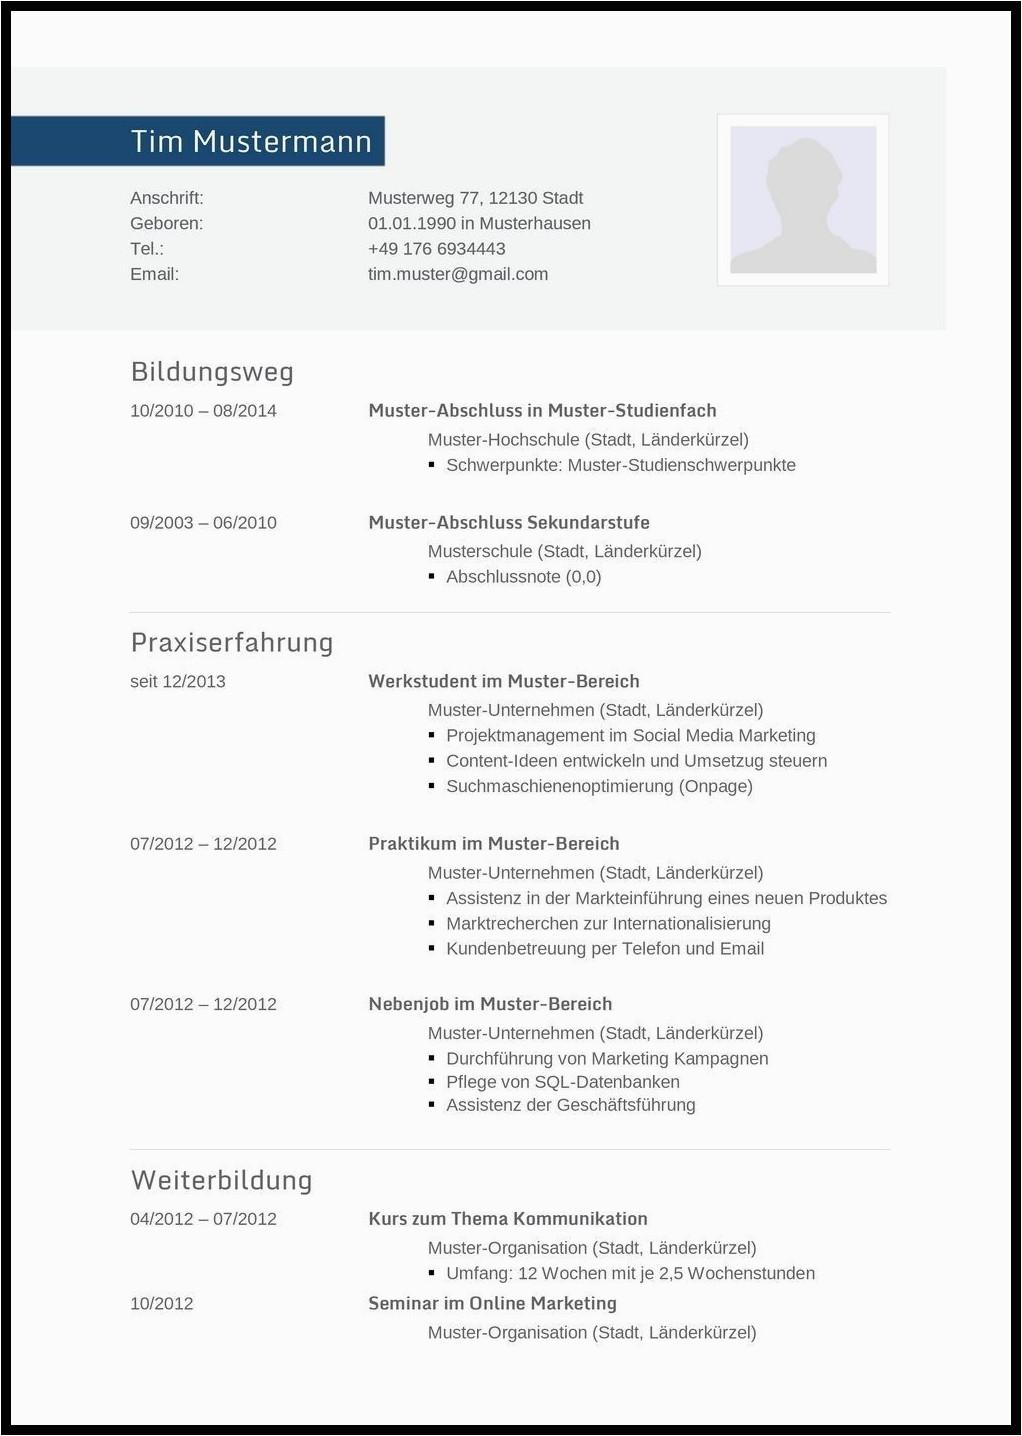 Lebenslauf Vorlage Xing Login Muster Vorlage Lebenslauf Schweiz Kostenlos Download Schüler